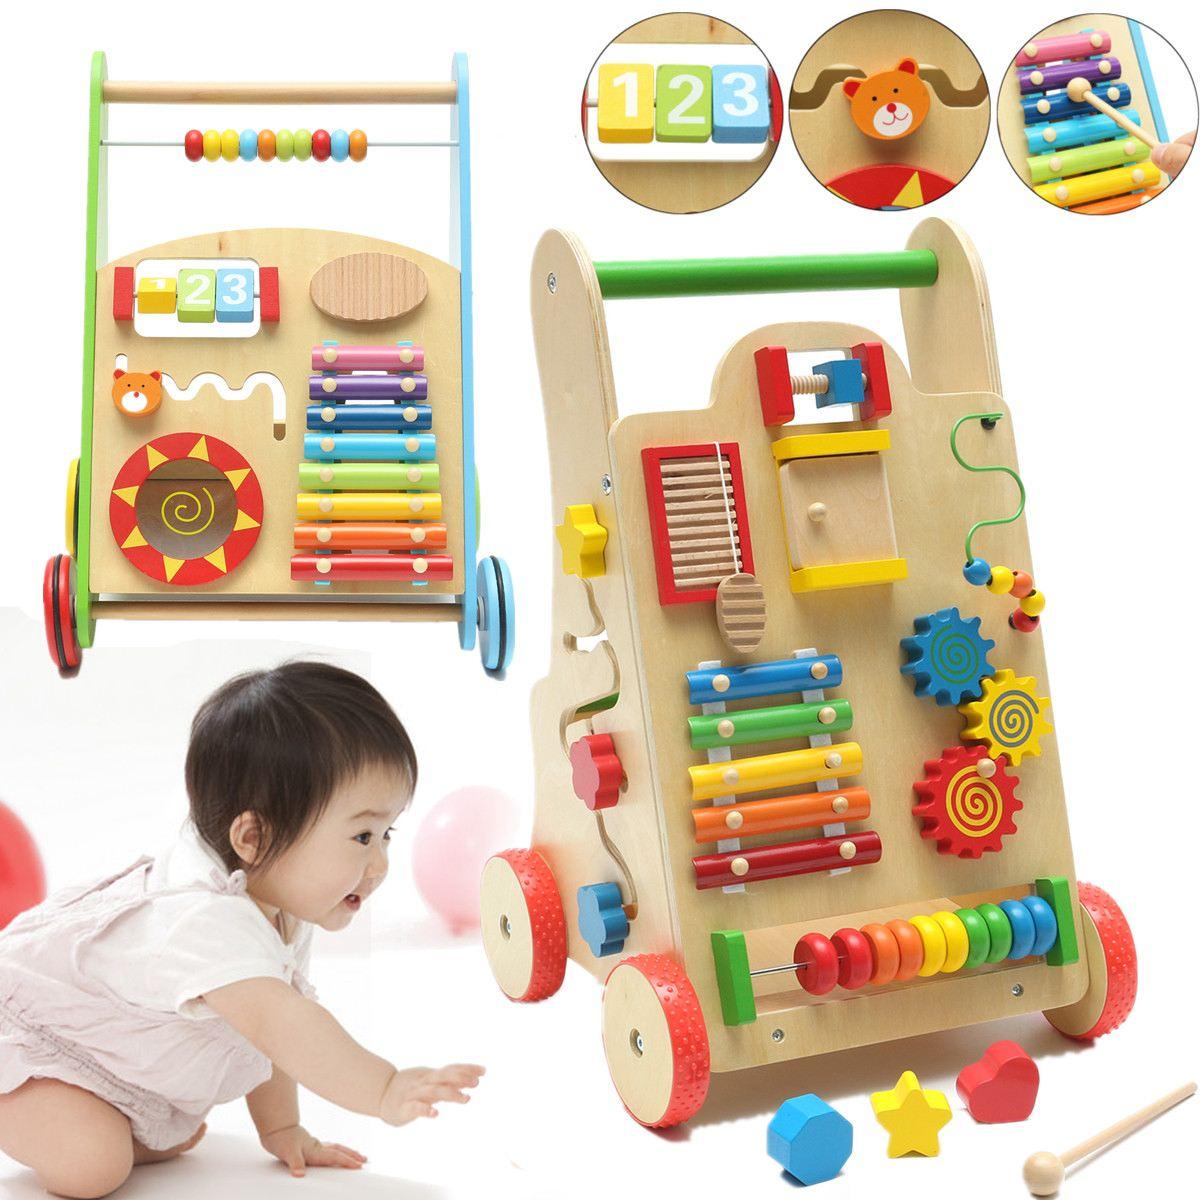 Trotteur bébé marche Assistant en bois petite enfance en bois multifonctionnel chariot enfant marcheurs avec roues jouets